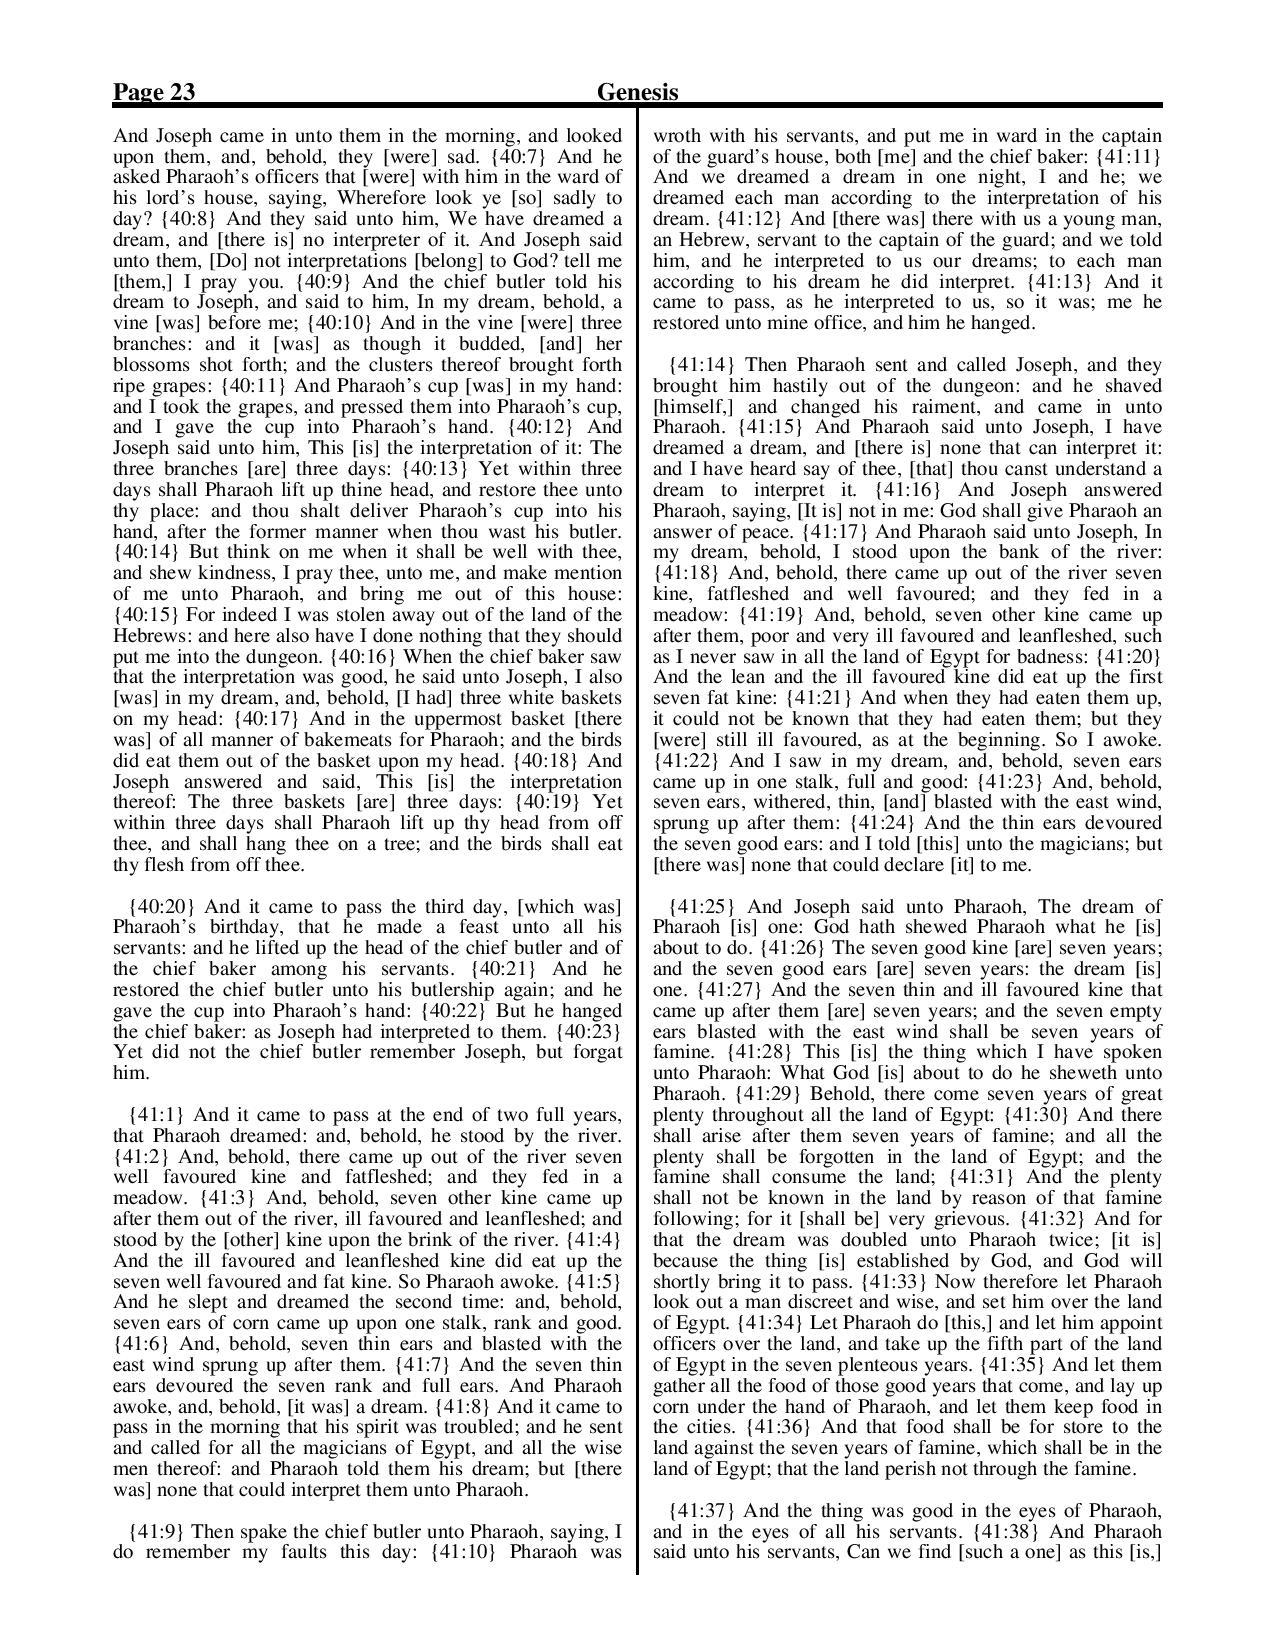 King-James-Bible-KJV-Bible-PDF-page-044